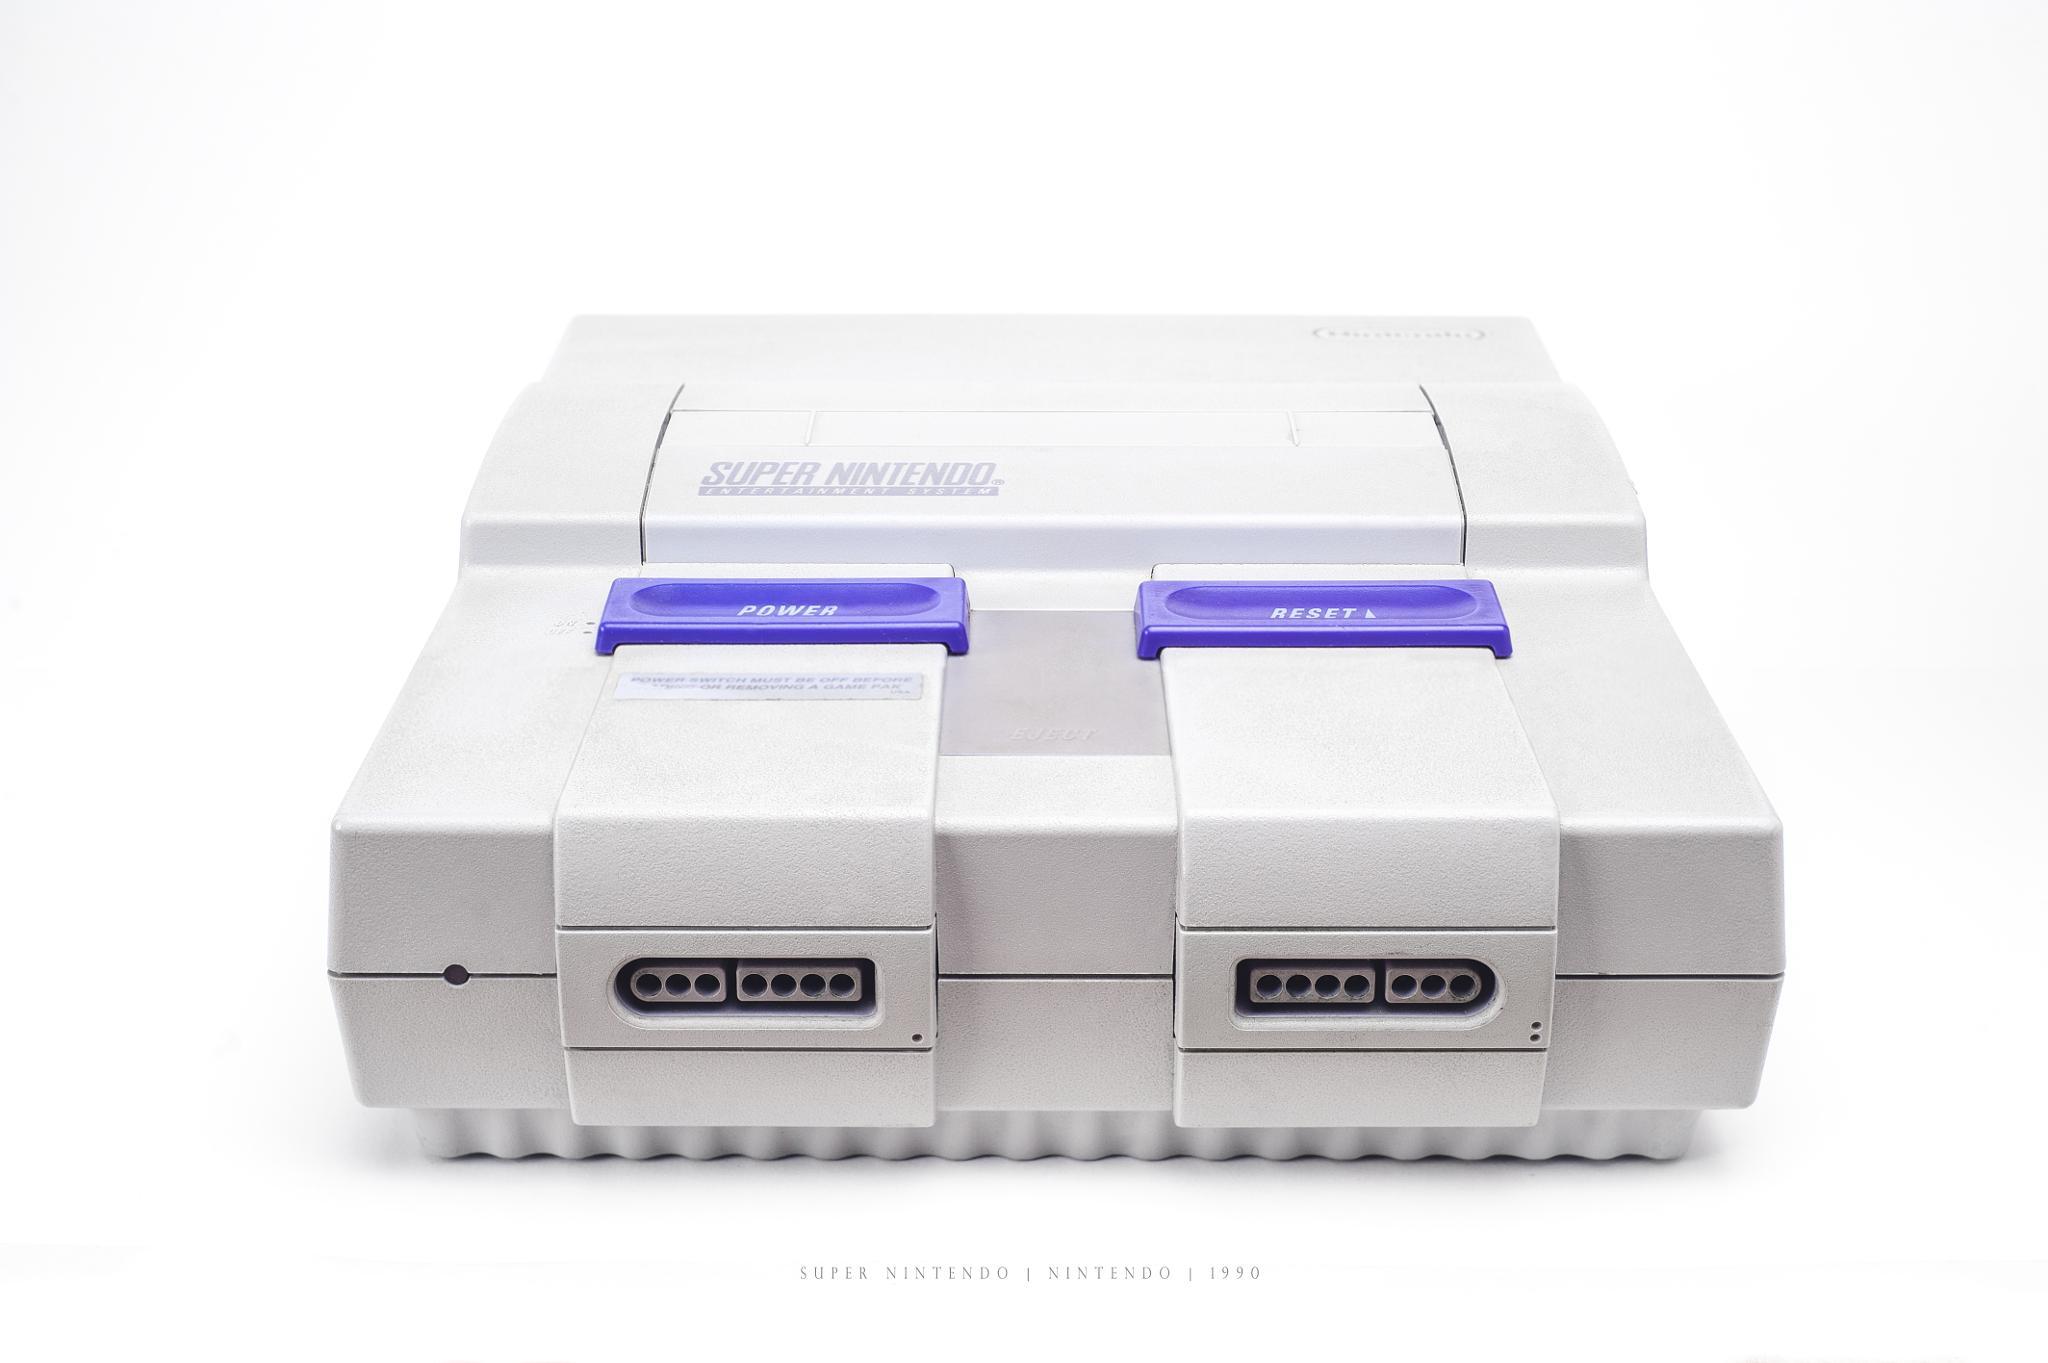 Super Nintendo by Aldo VC